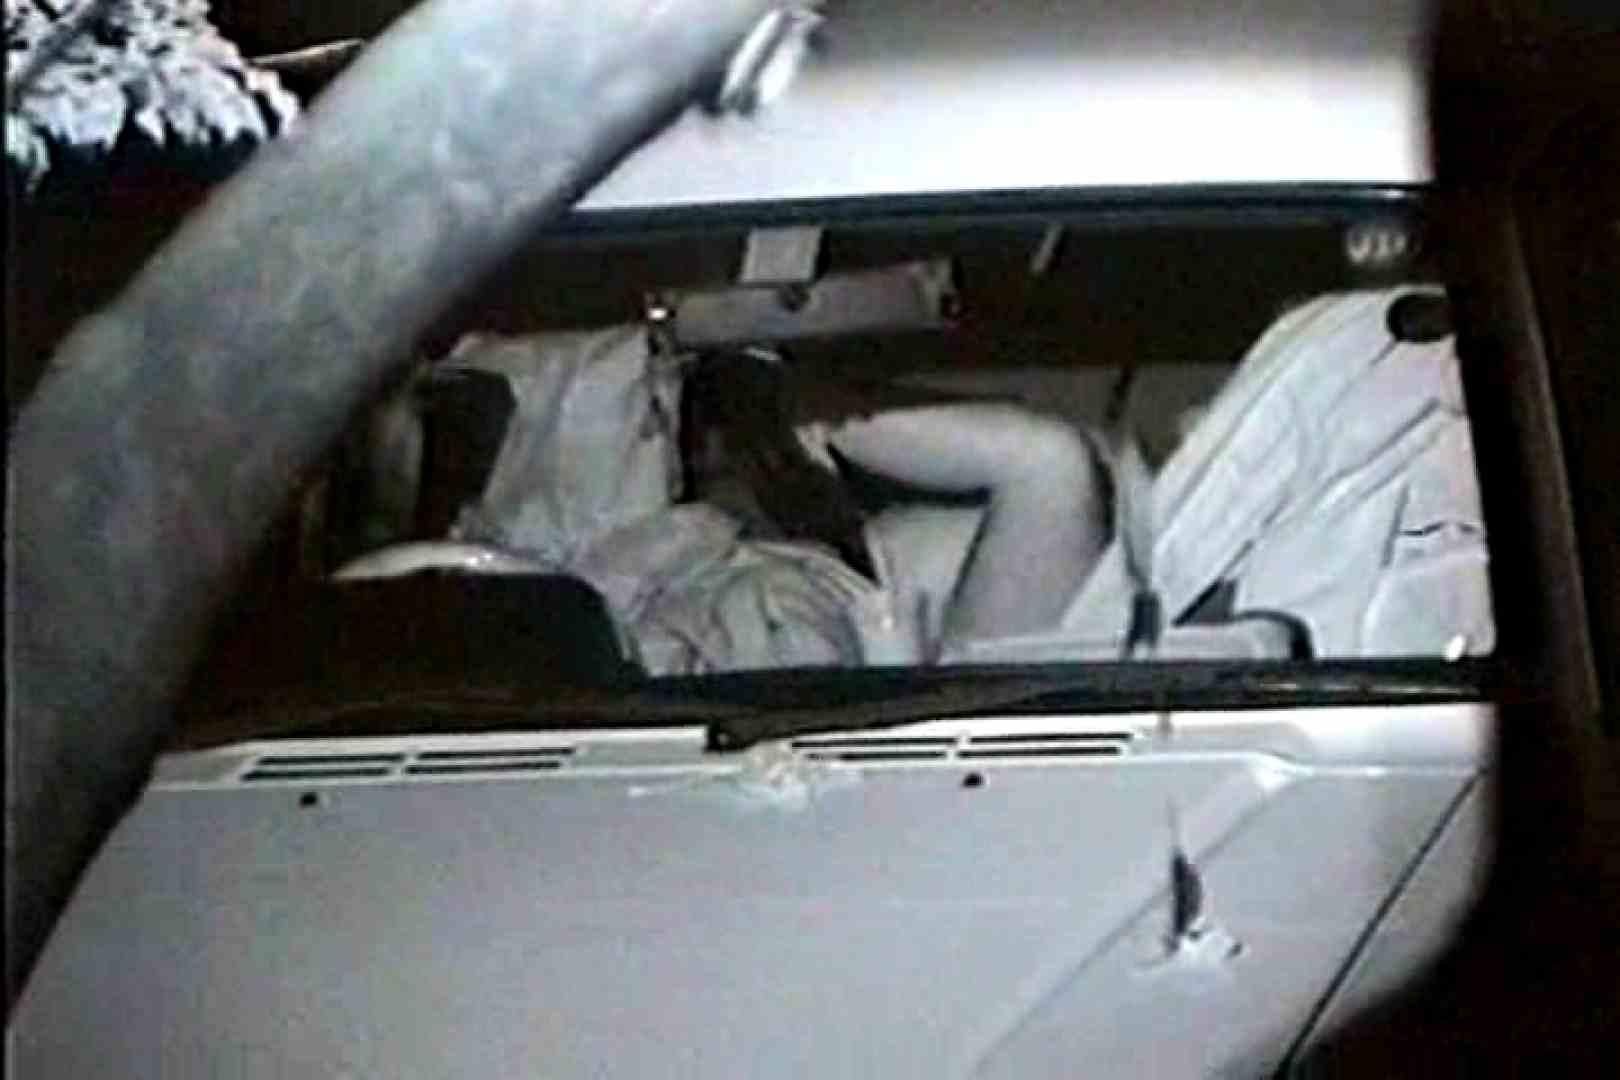 車の中はラブホテル 無修正版  Vol.8 美女OL おめこ無修正画像 68連発 34